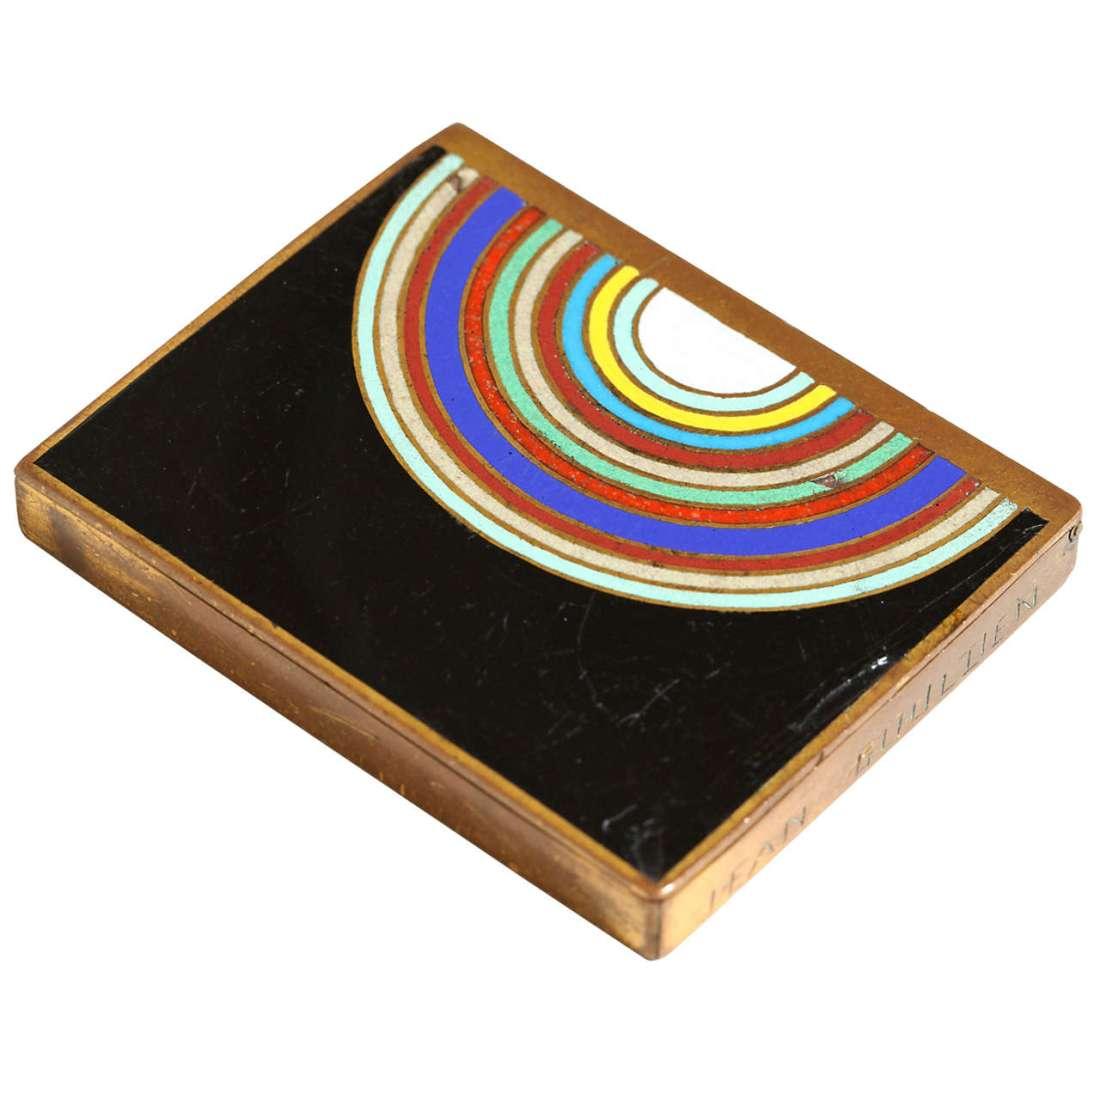 Multi-colored box. 1920's to 1930's.